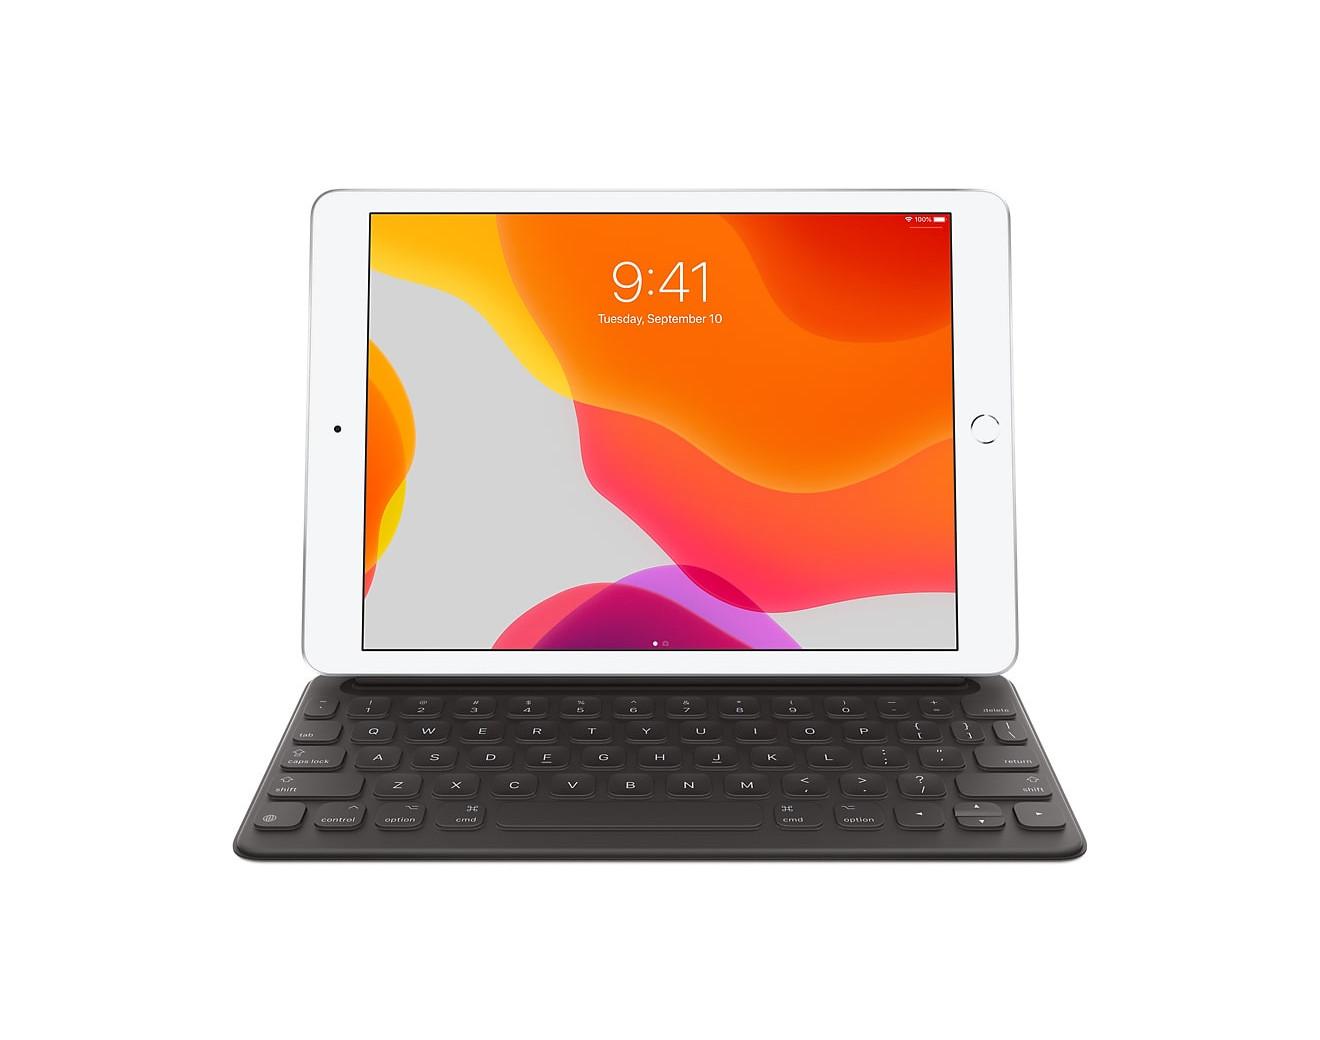 Клавиатура pple Smart Keyboard for iPad (7th gen.) and iPad Air